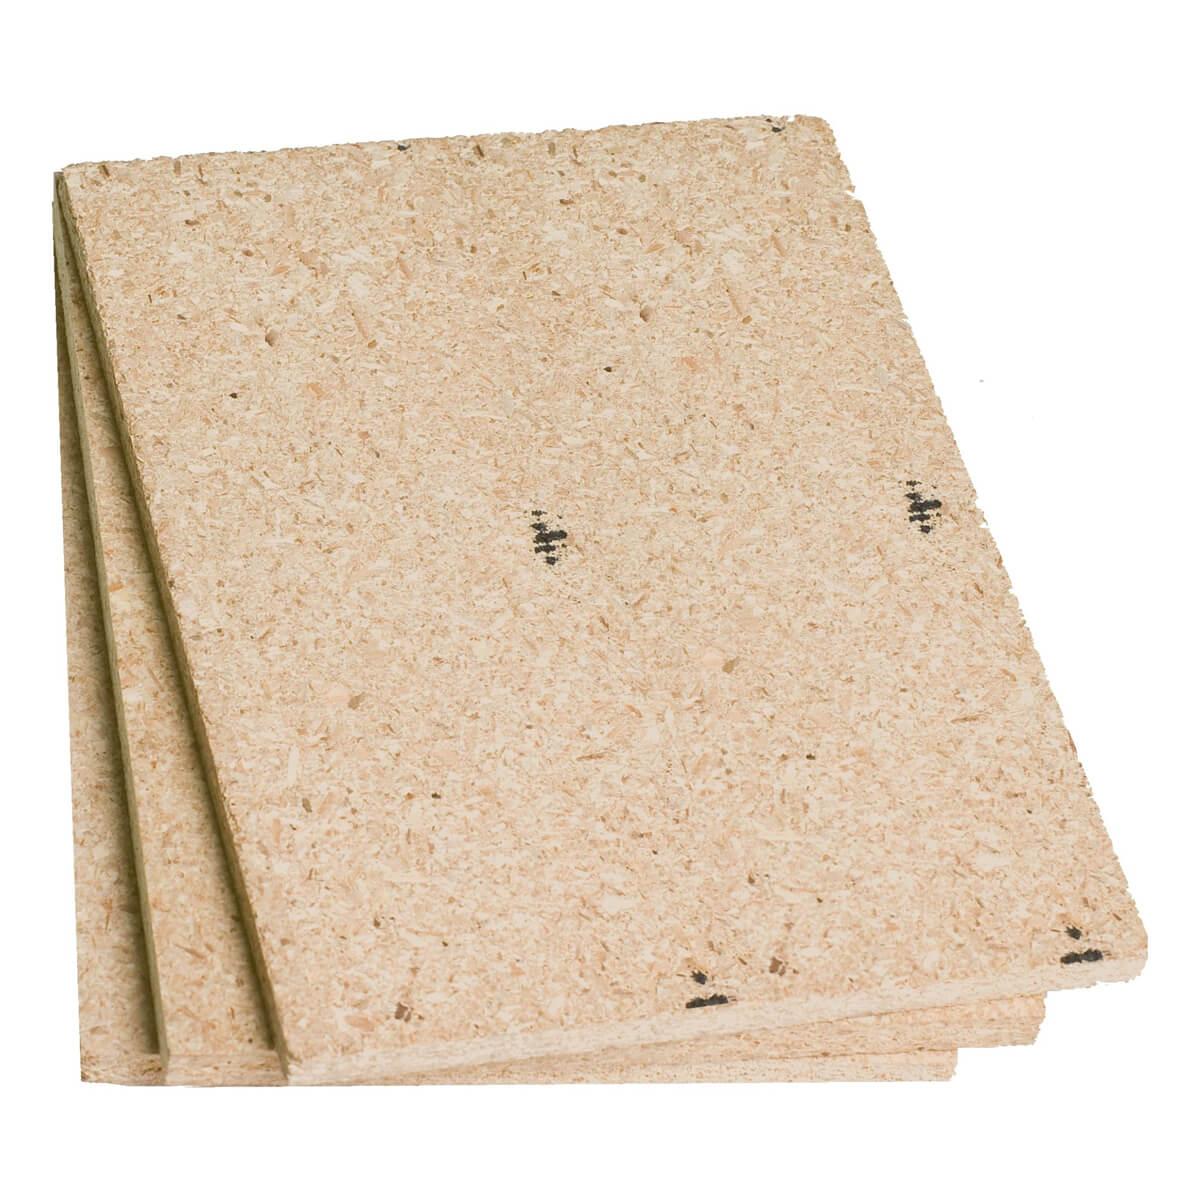 EnStron Flooring Underlayment - 5/16-in x 4-ft x 8-ft